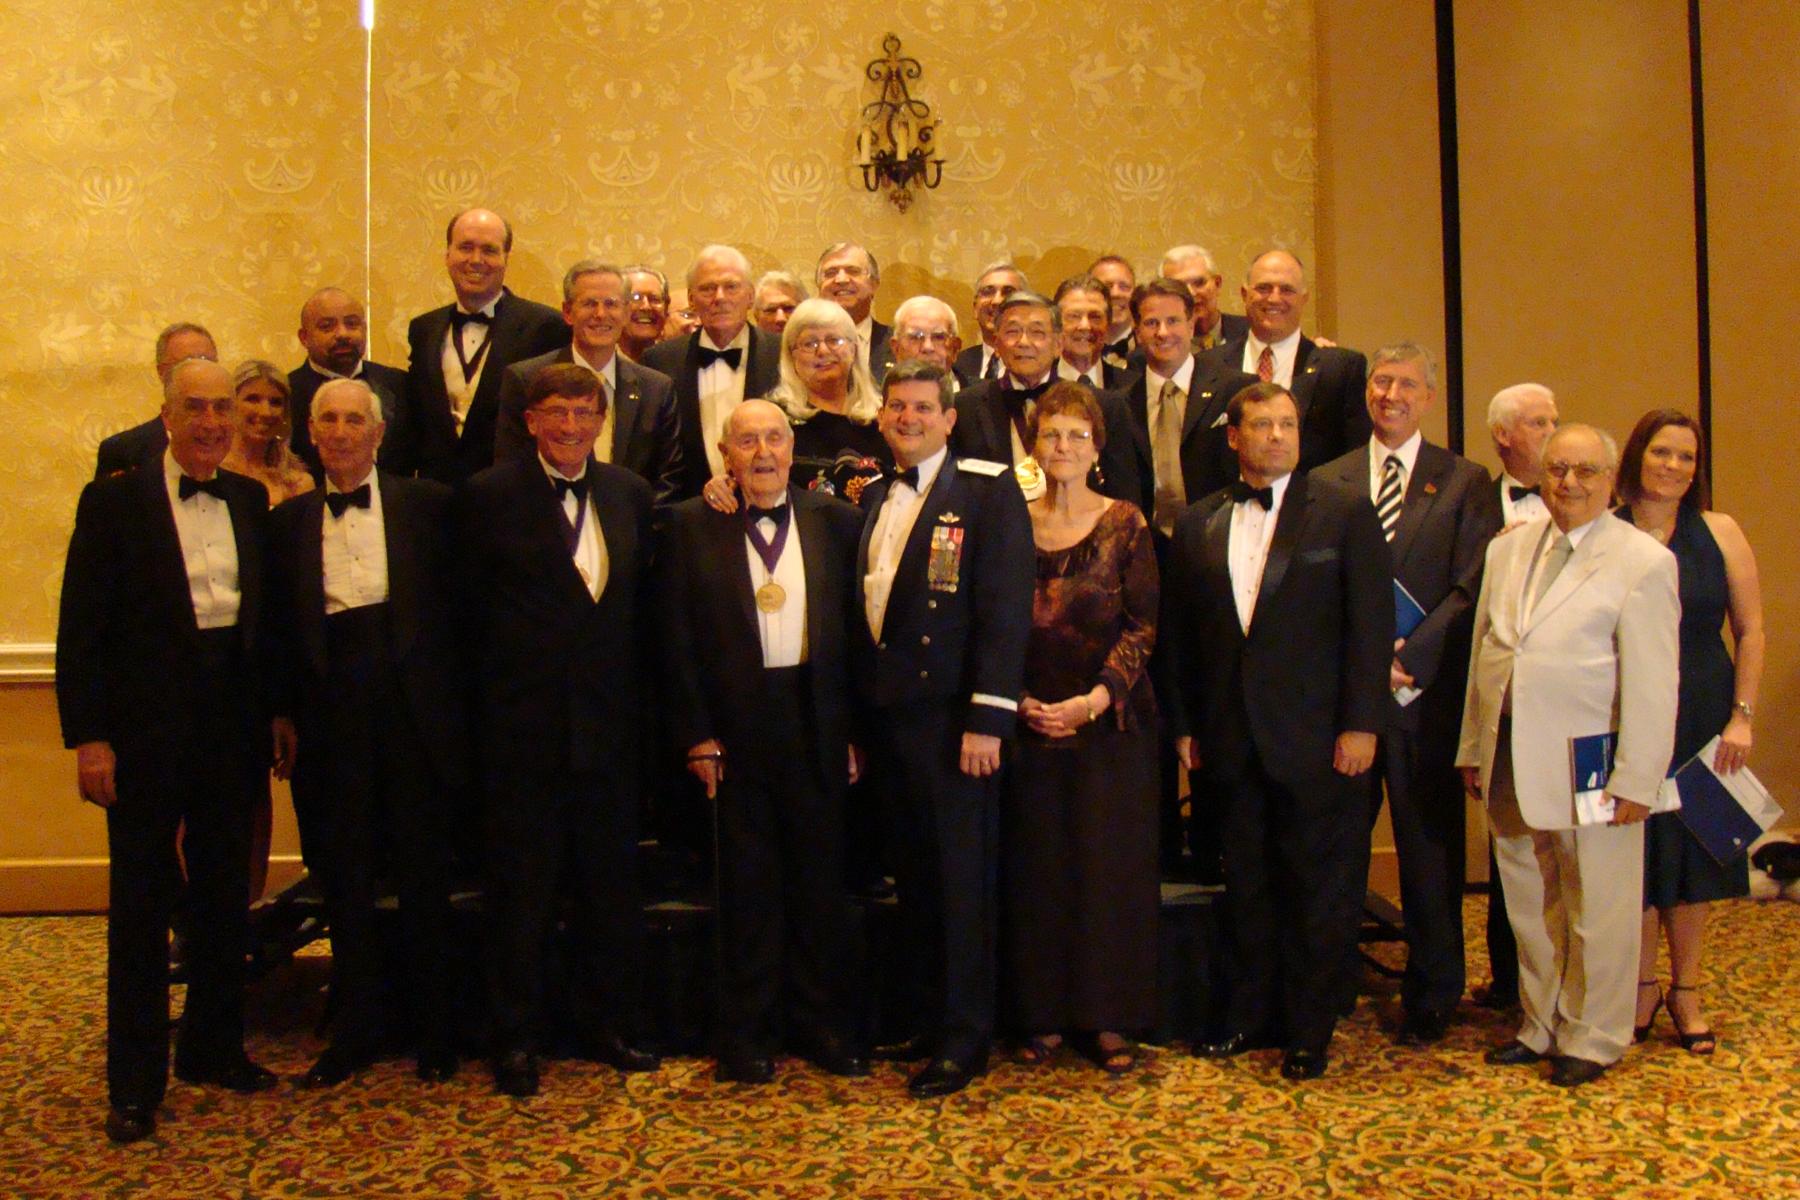 Tony Jannus Award Recipients & Board Members - 2, 30 Oct '08.jpg